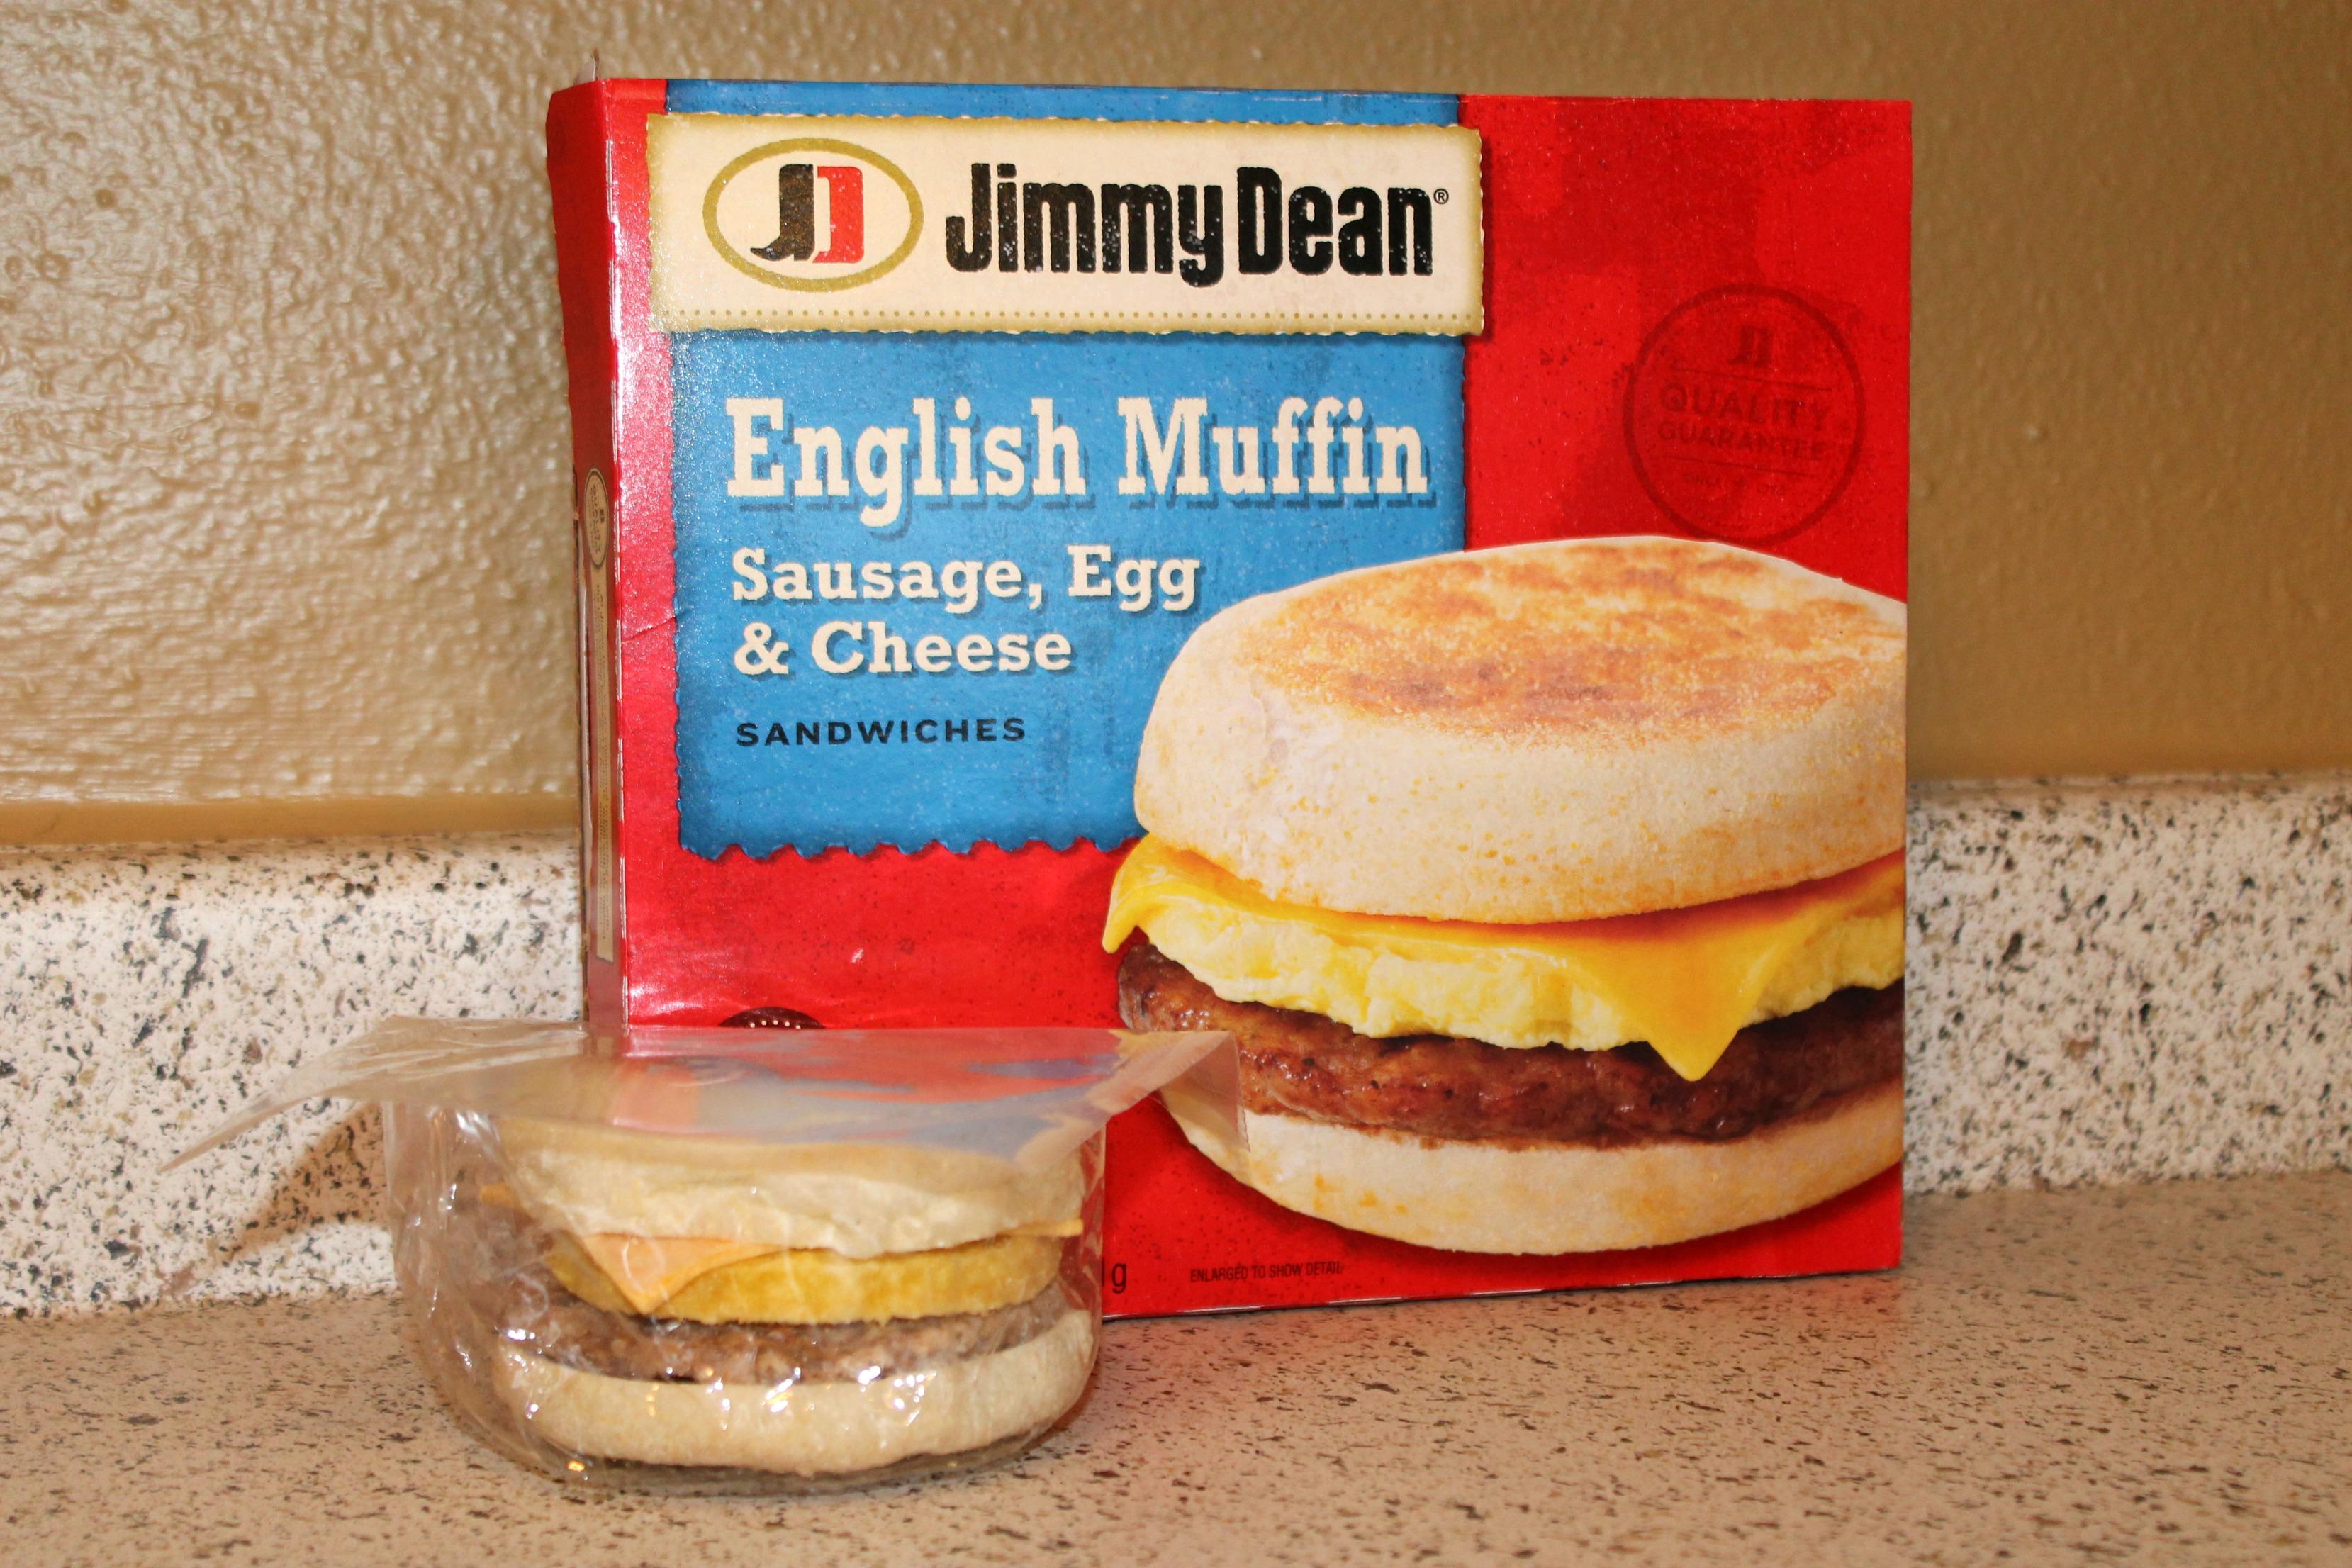 Jimmy Dean Breakfast Sandwiches